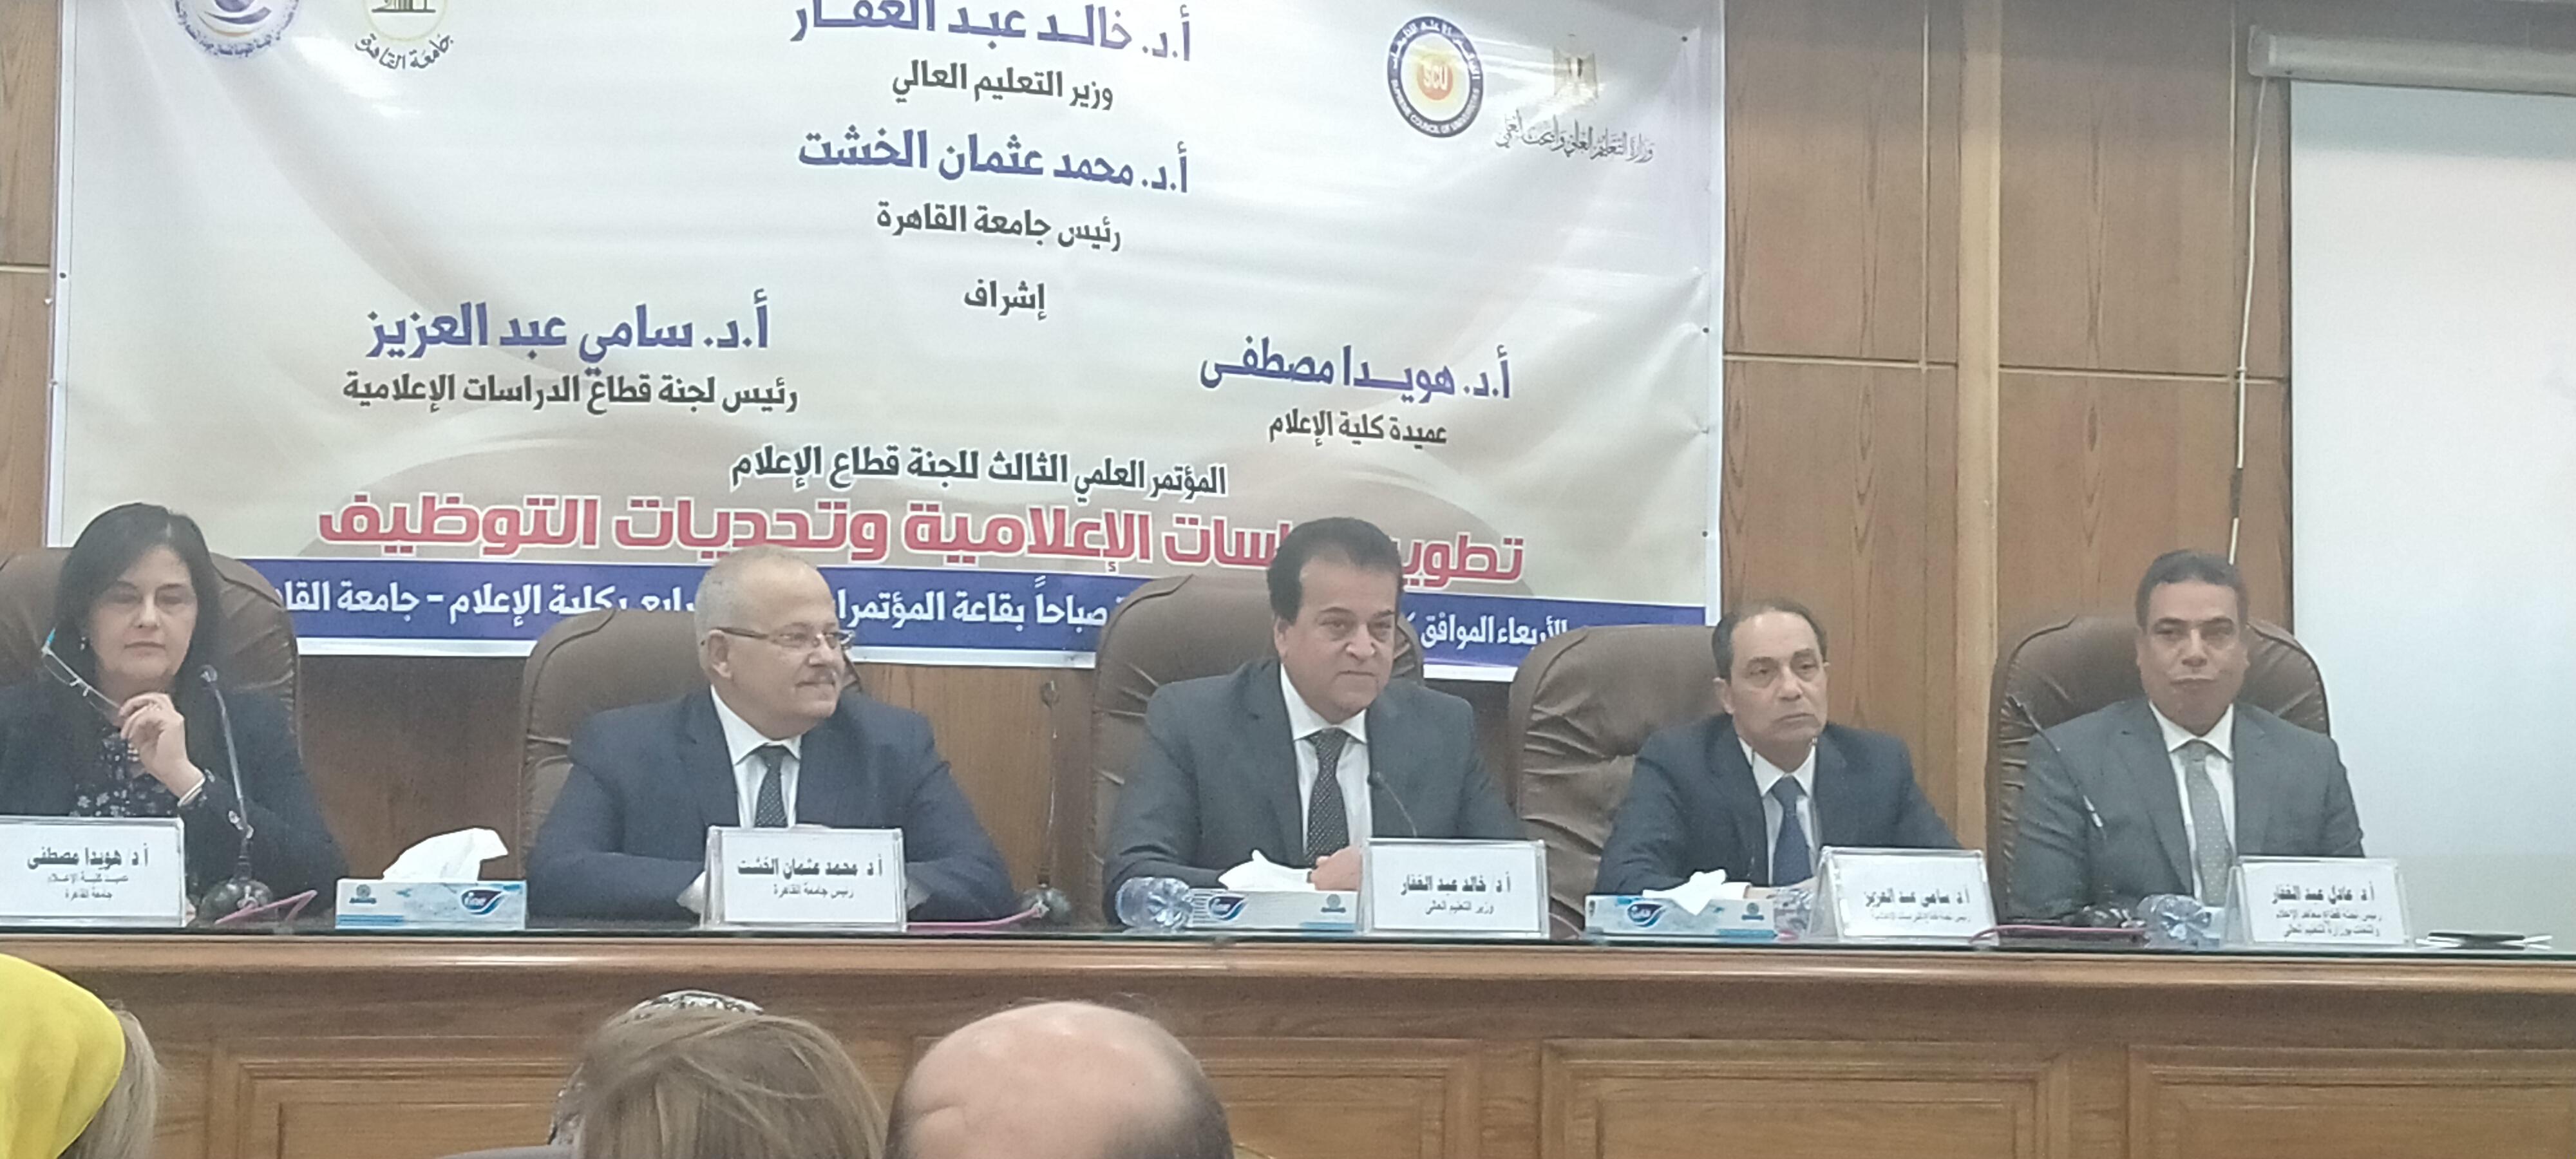 مؤتمر تطوير الدراسات الإعلامية وتحديات التوظيف   (5)